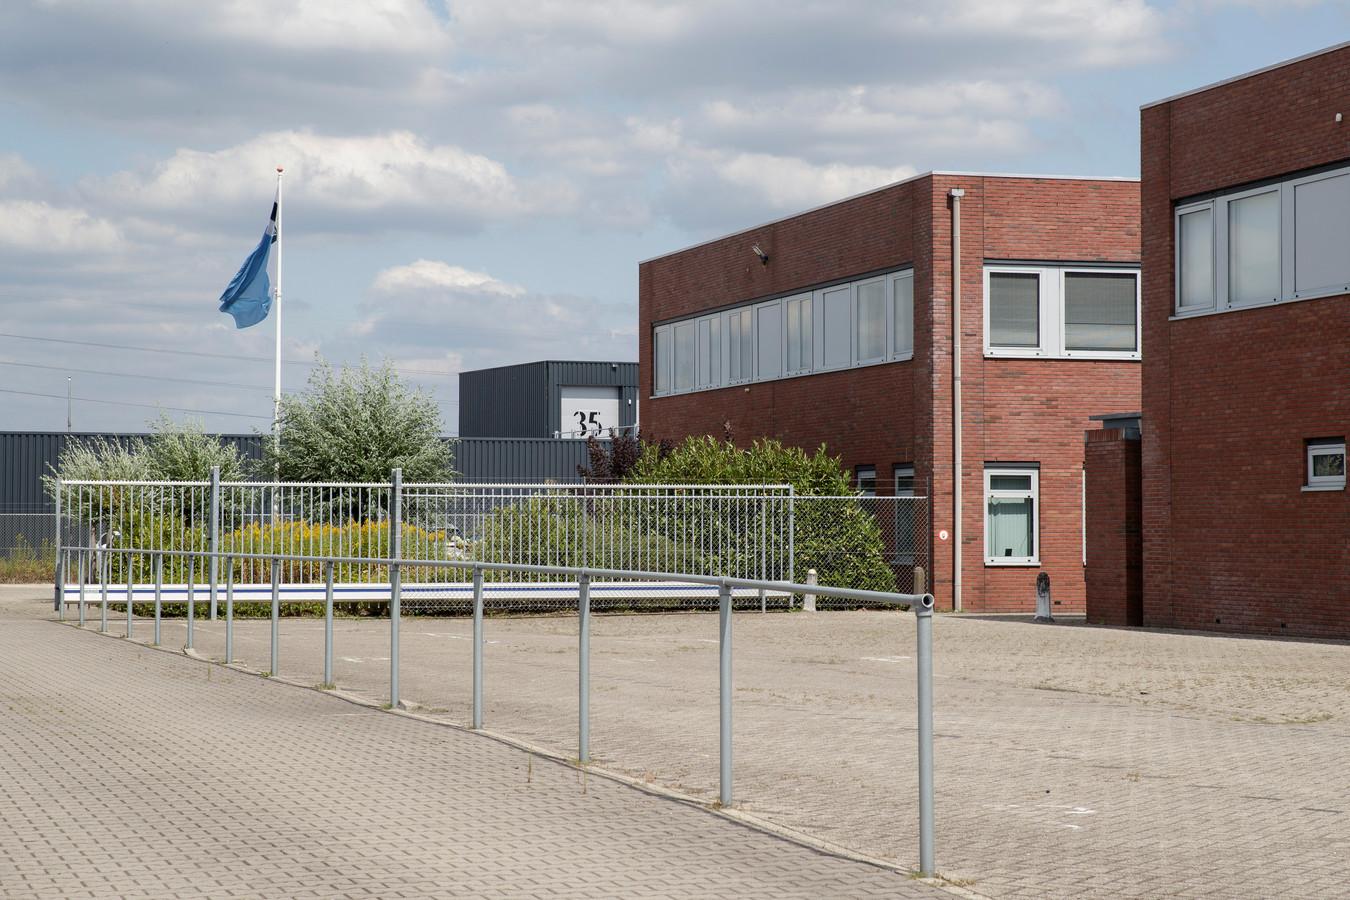 Vorig jaar juli zijn wapens en munitie gestolen bij de Dienst Vervoer en Ondersteuning, DV&O Zutphen.